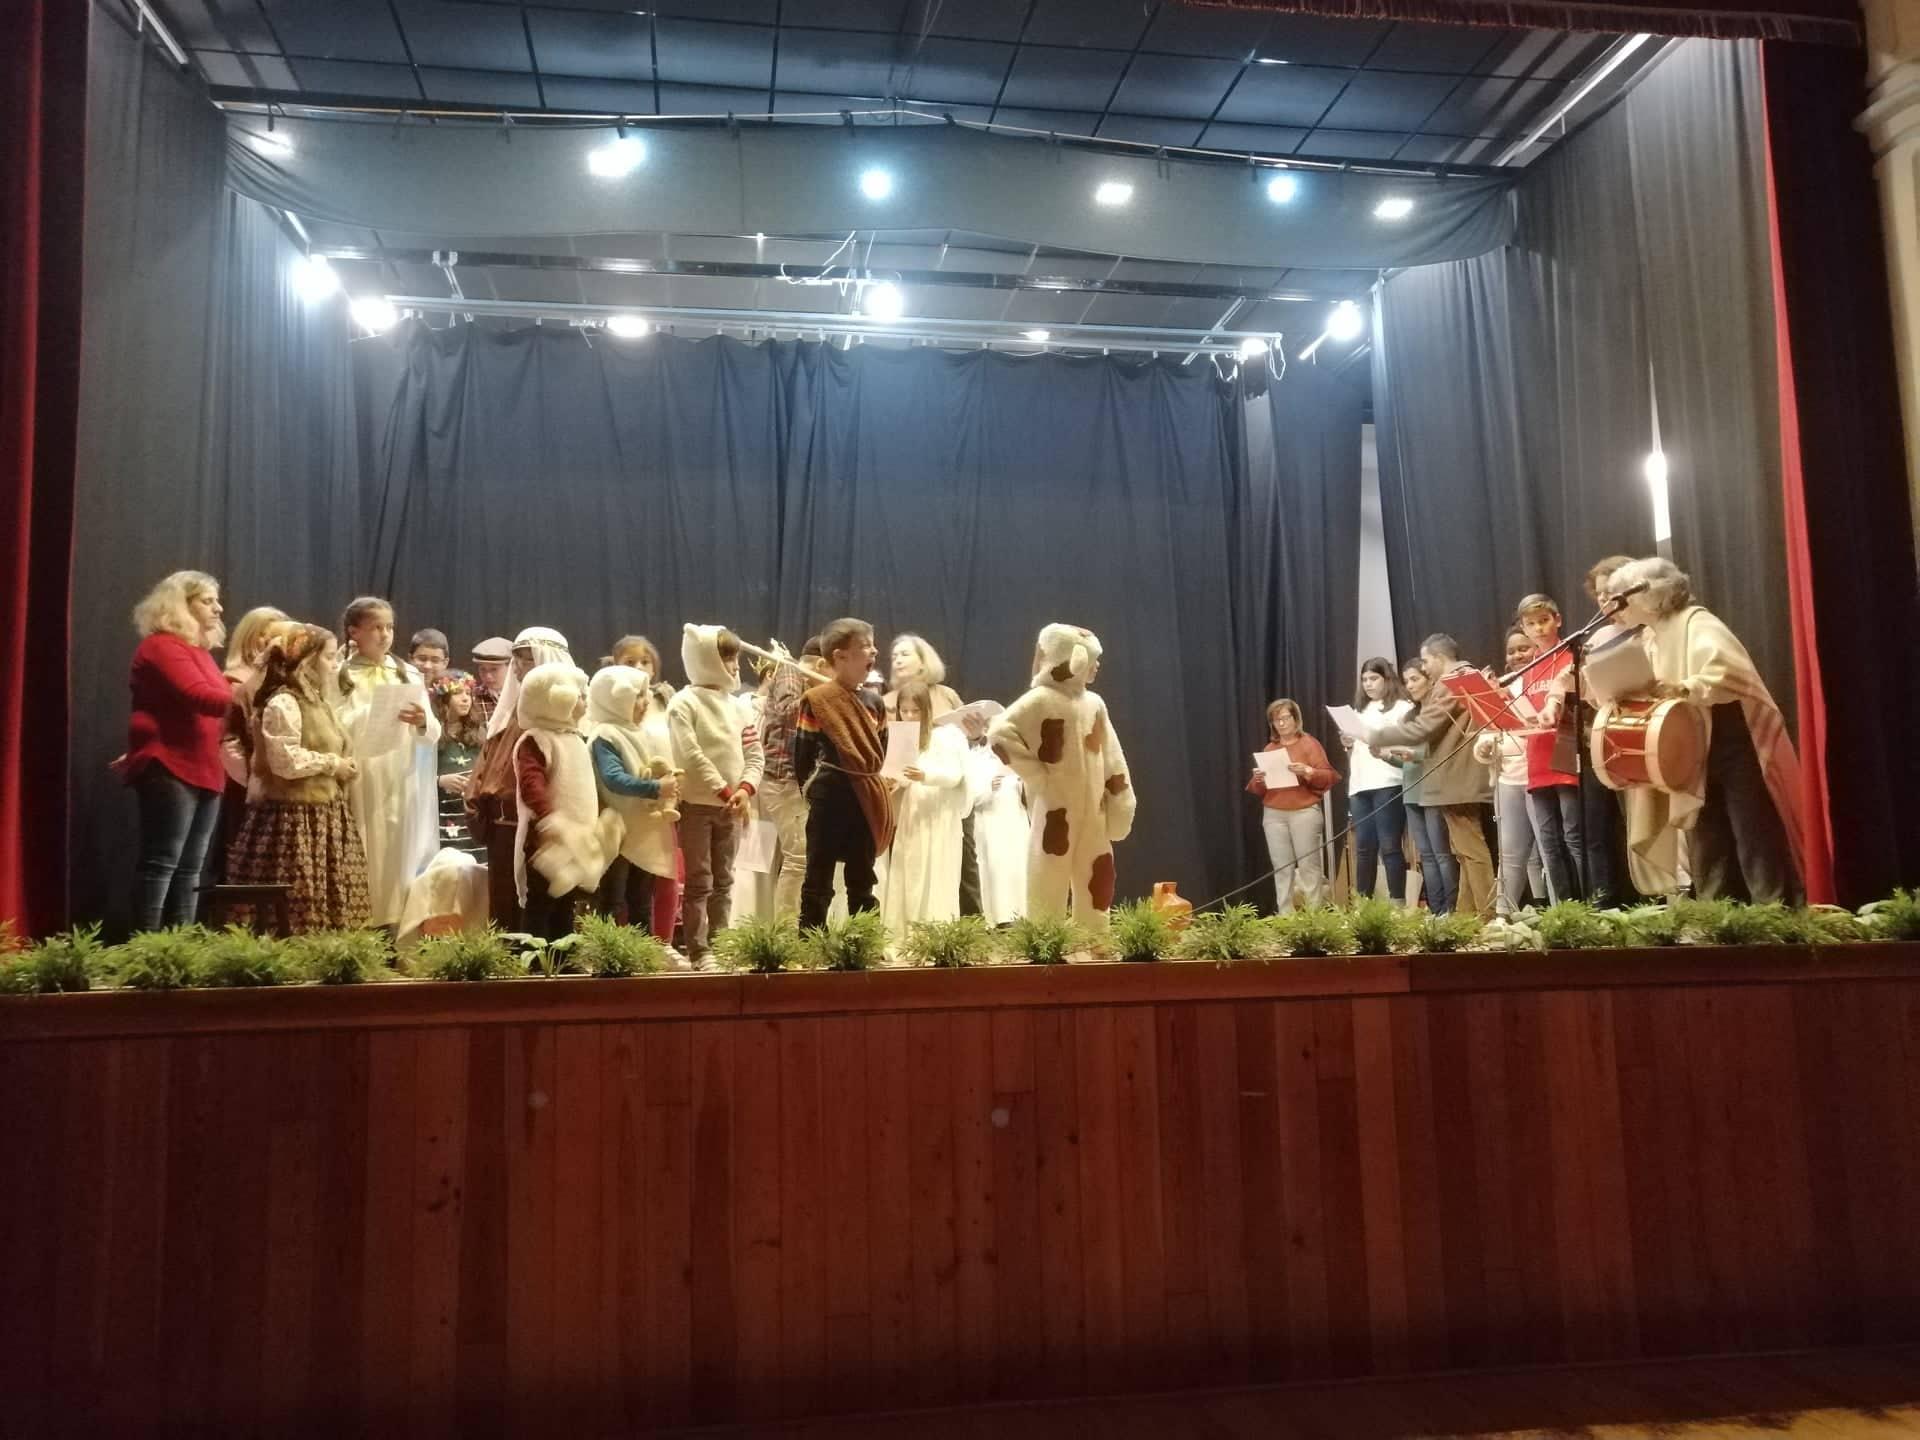 Crianças da Catequese da Igreja de Fanhões e Igreja de Casainhos -Transmitem pelo teatro a sua mensagem de Natal